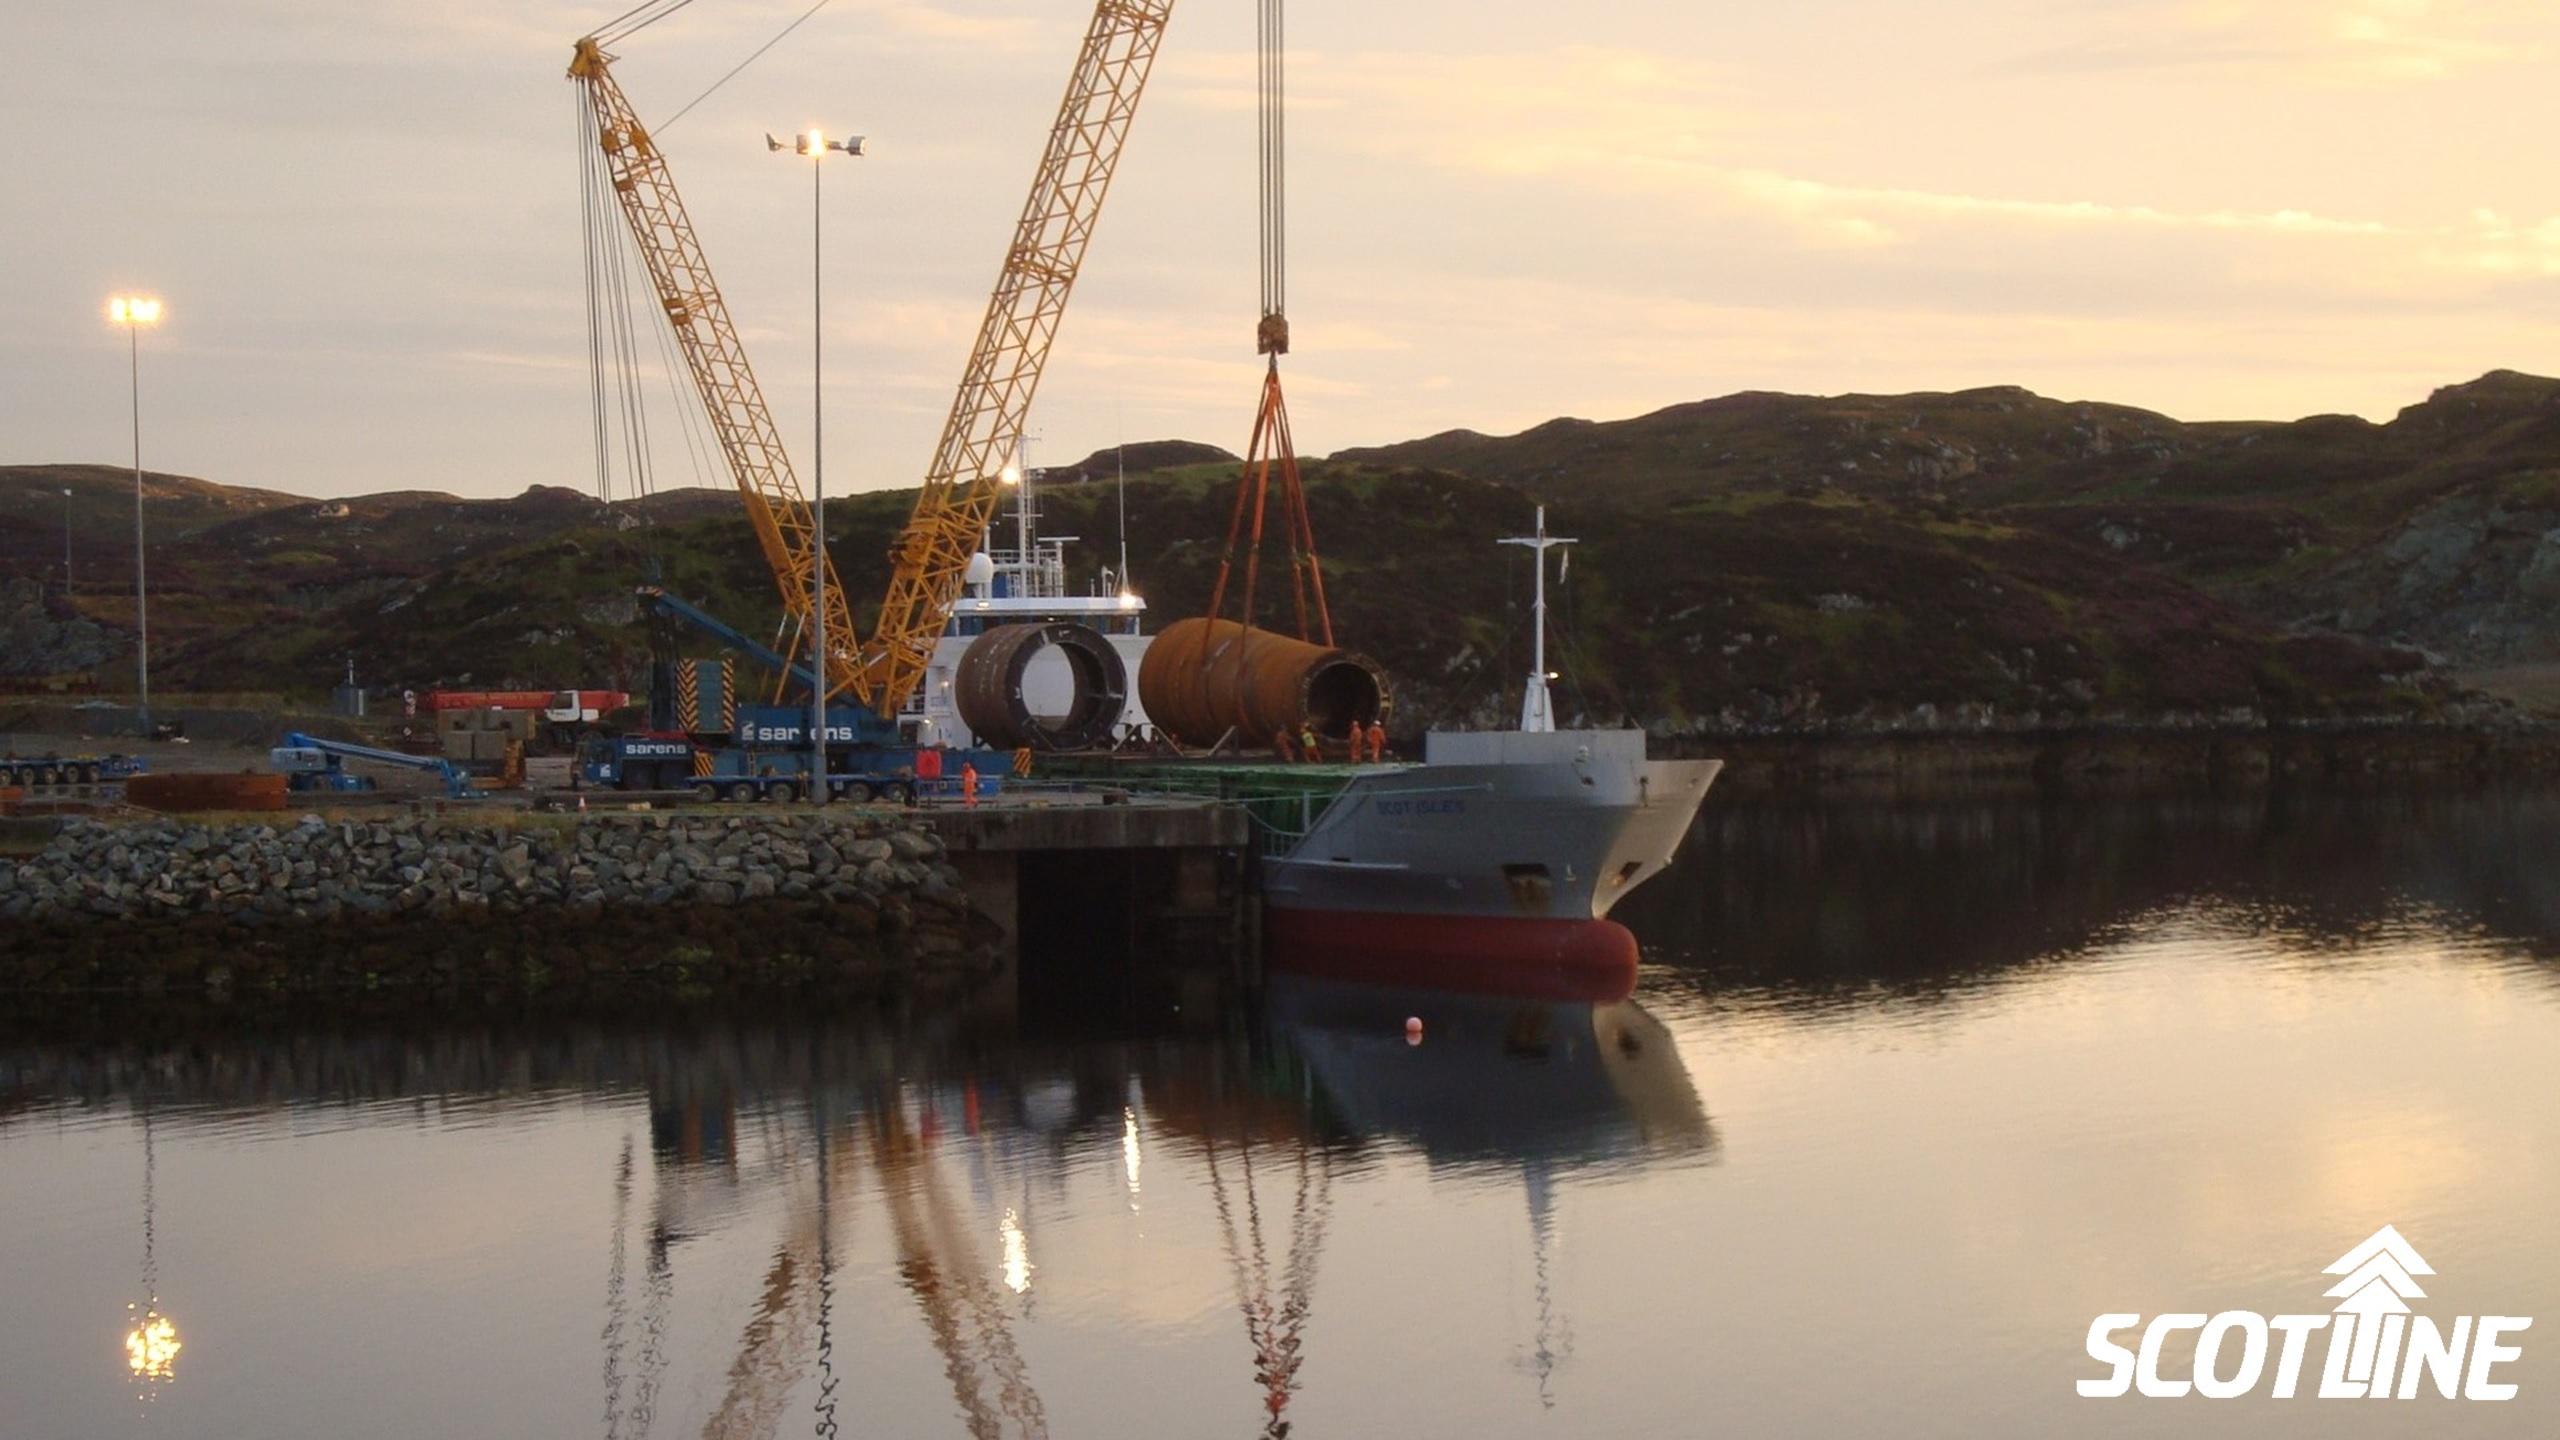 Scot_Isles_Wind_Turbines_Wallpaper_2560x1440